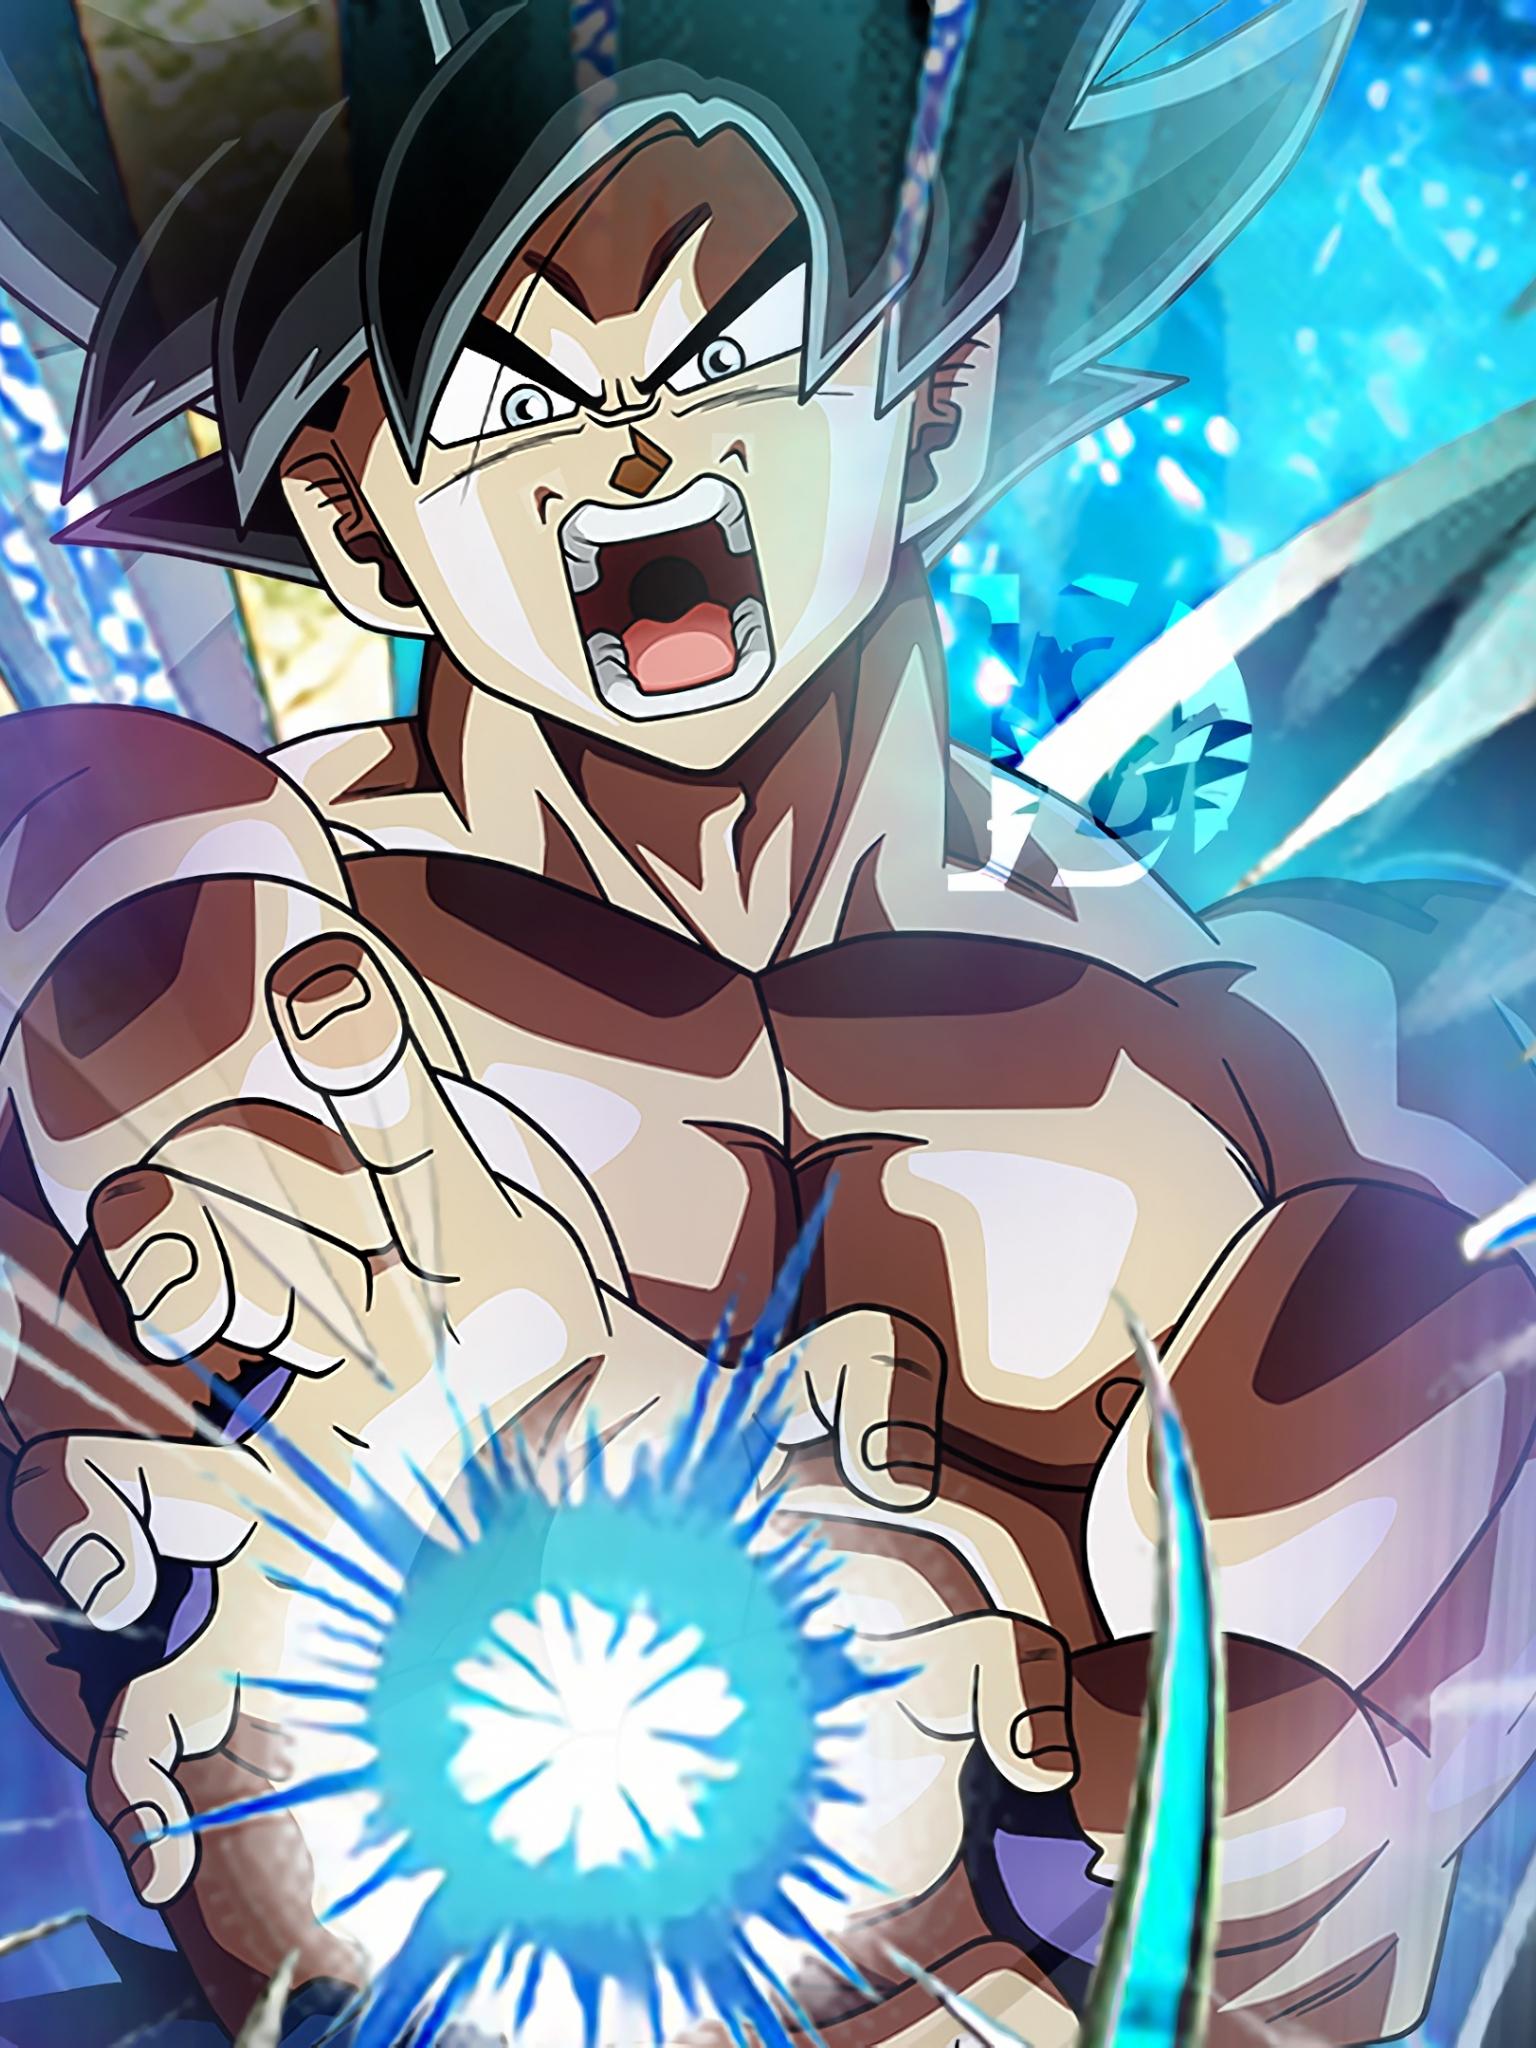 Free Download Goku Kamehameha Ultra Instinct Dragon Ball Super 4k 9262 3840x2160 For Your Desktop Mobile Tablet Explore 41 Dragon Ball Super 4k Wallpapers Dragon Ball Super 4k Wallpapers